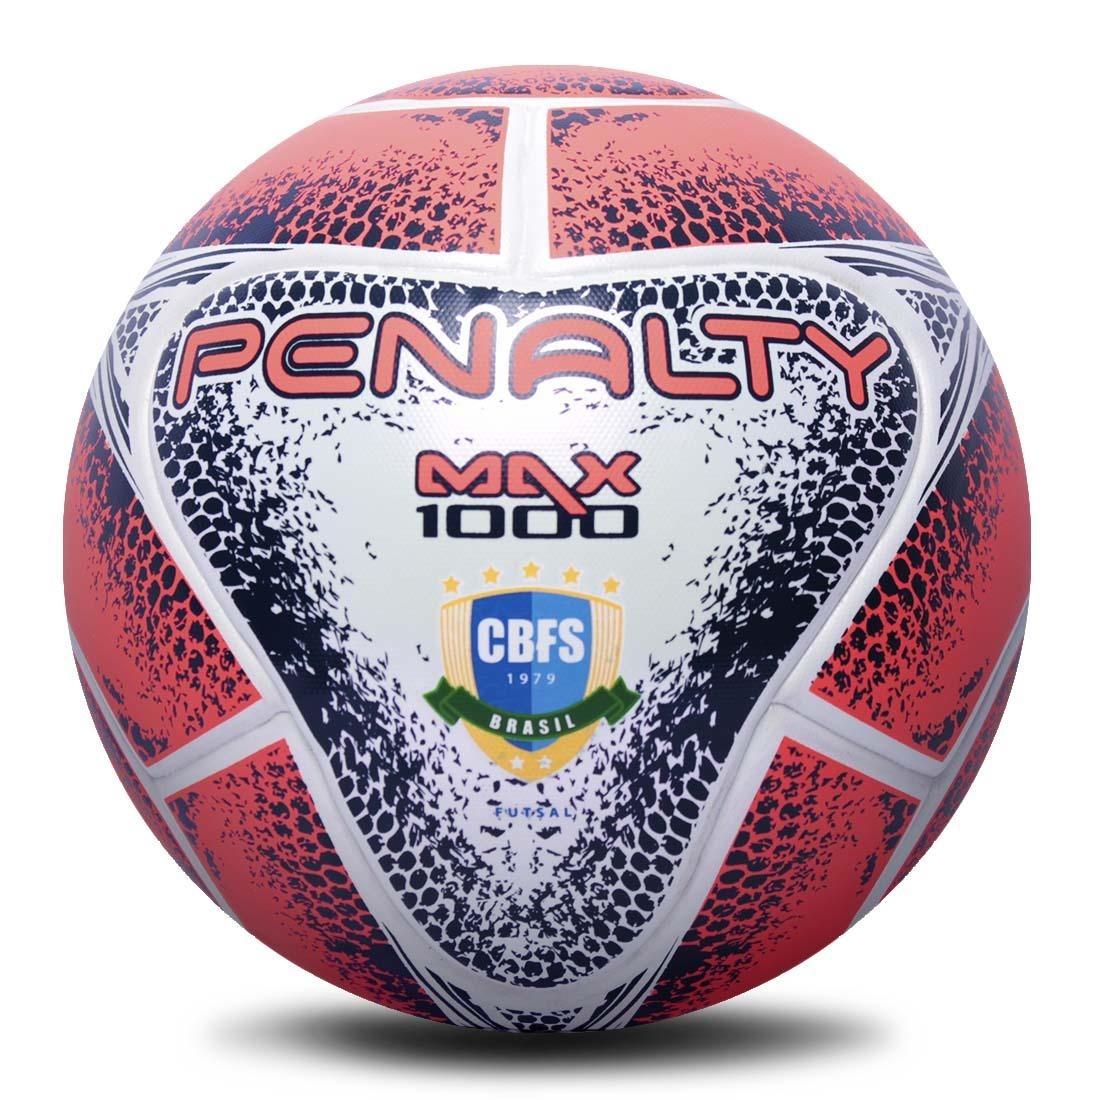 3c8904cf71 bola futsal penalty max 1000 aprovada fifa 2018 na caixa. Carregando zoom.